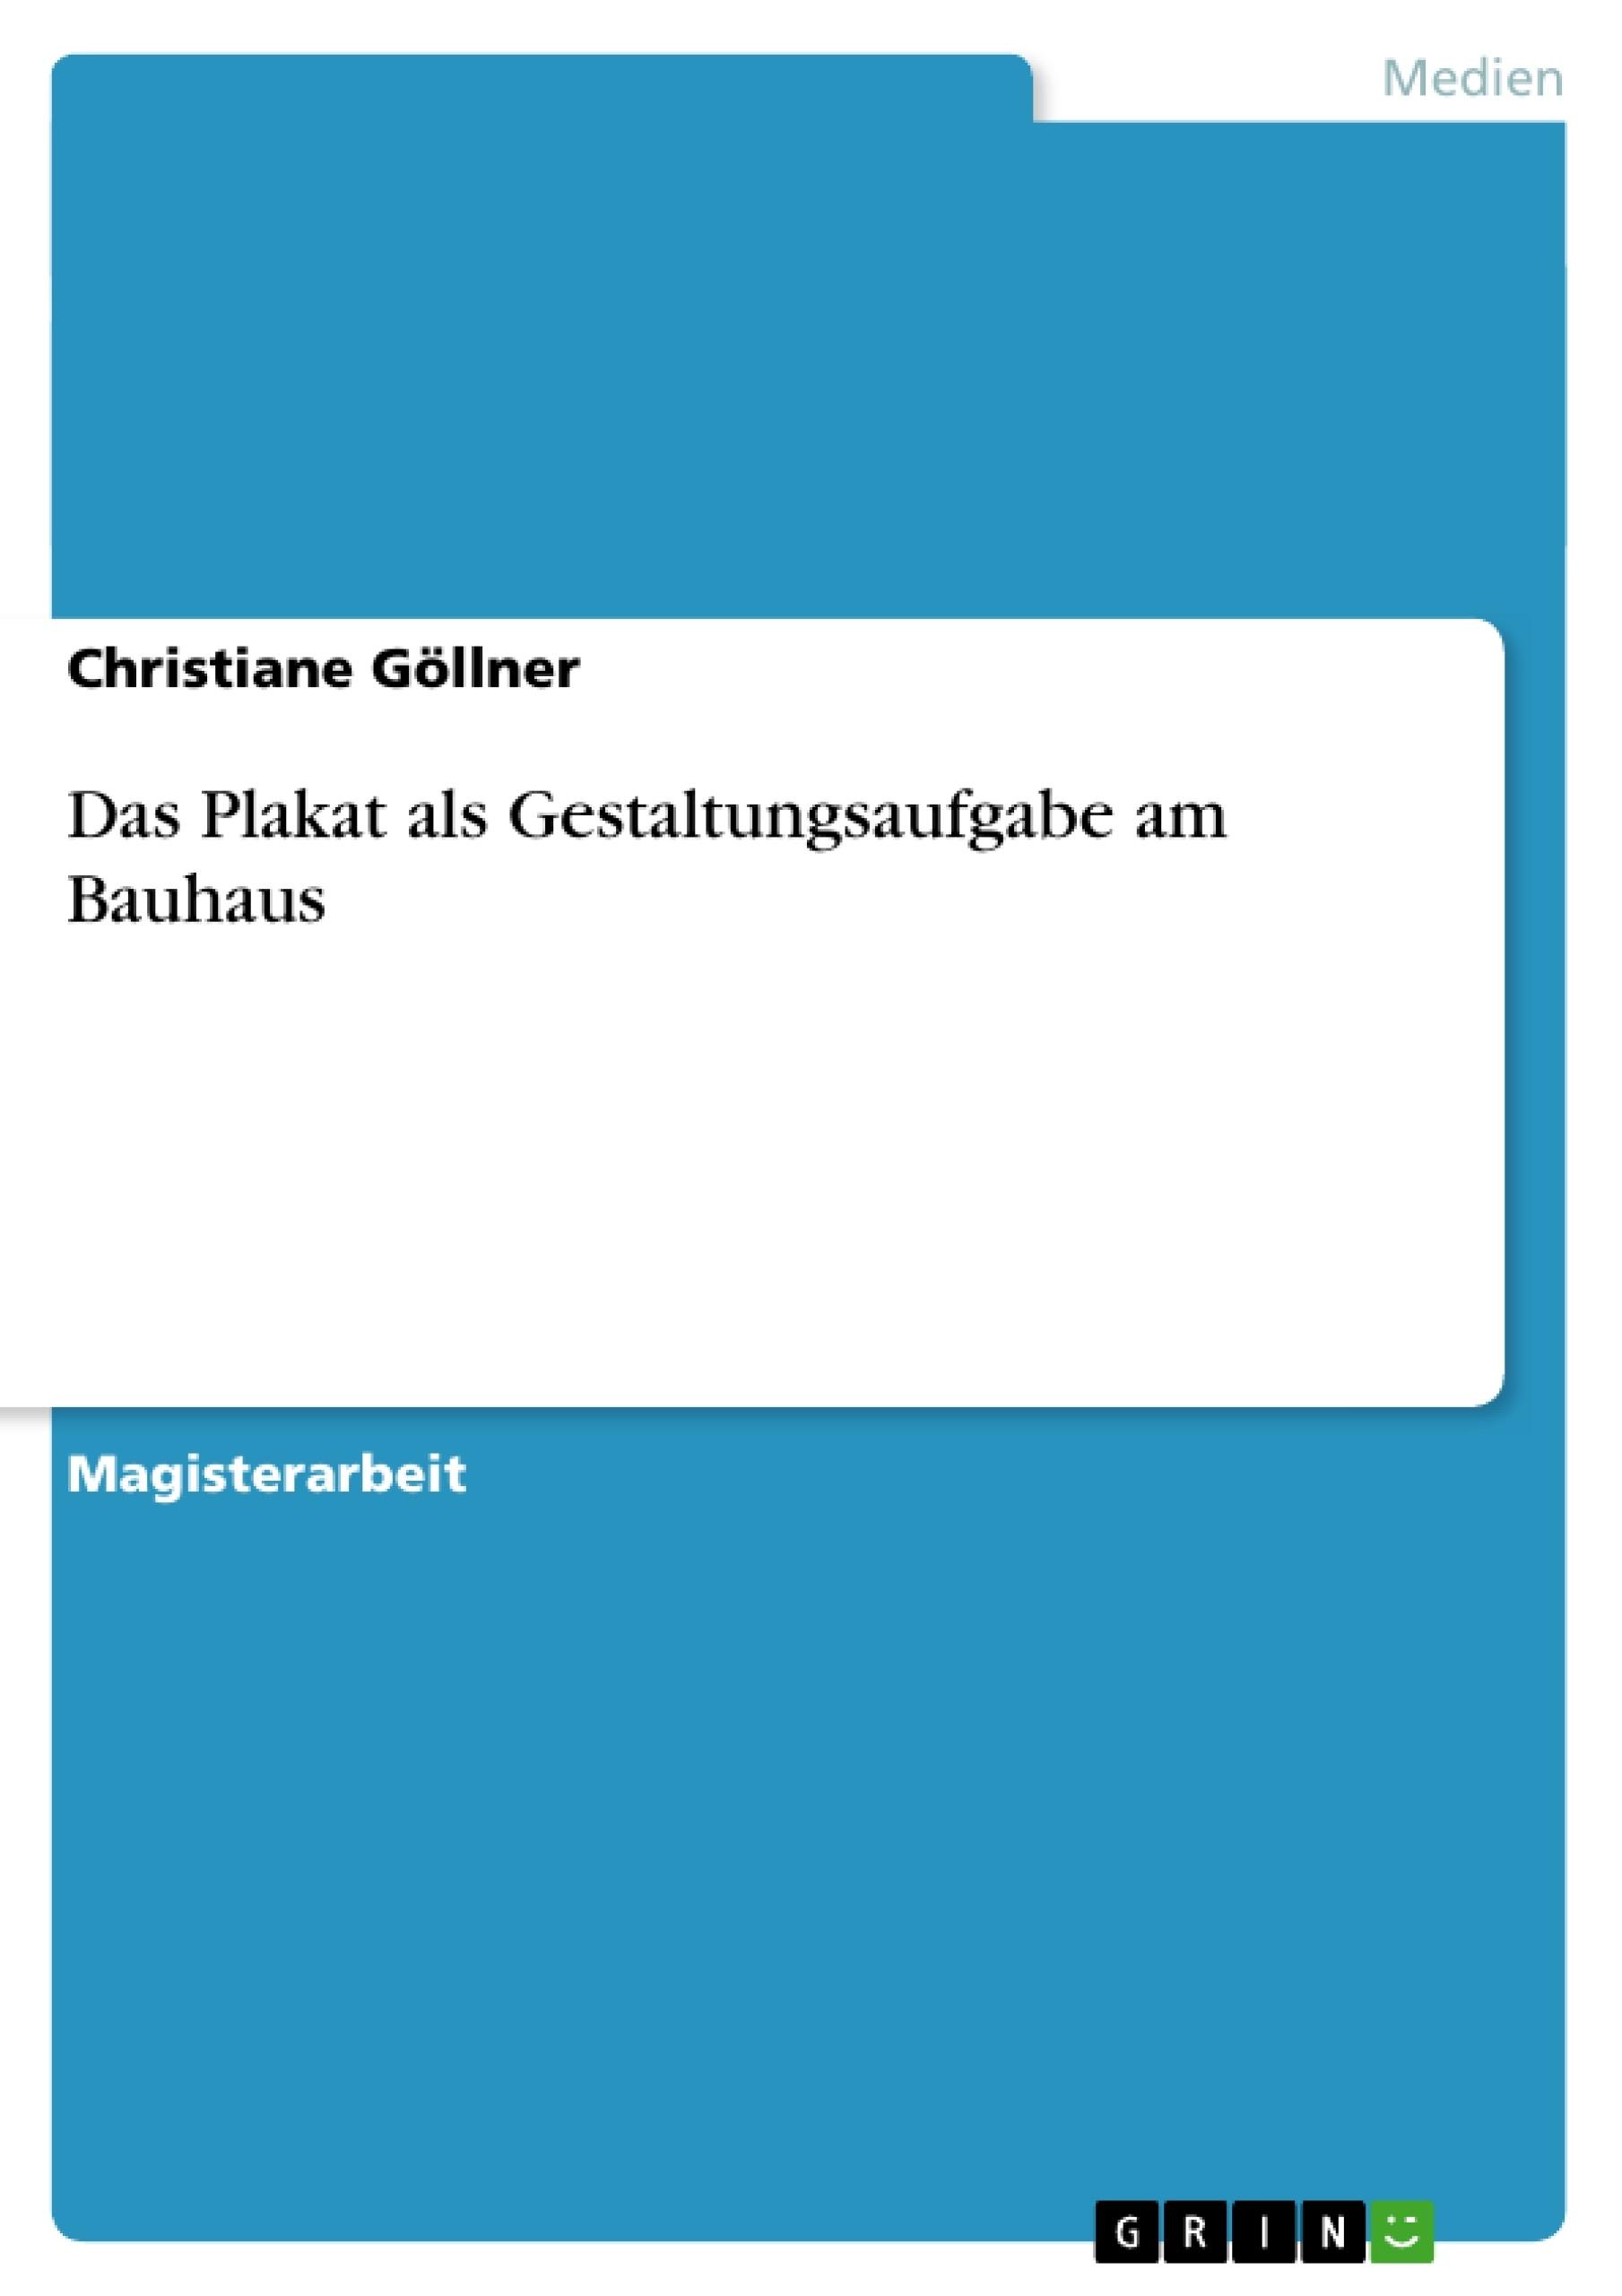 Titel: Das Plakat als Gestaltungsaufgabe am Bauhaus